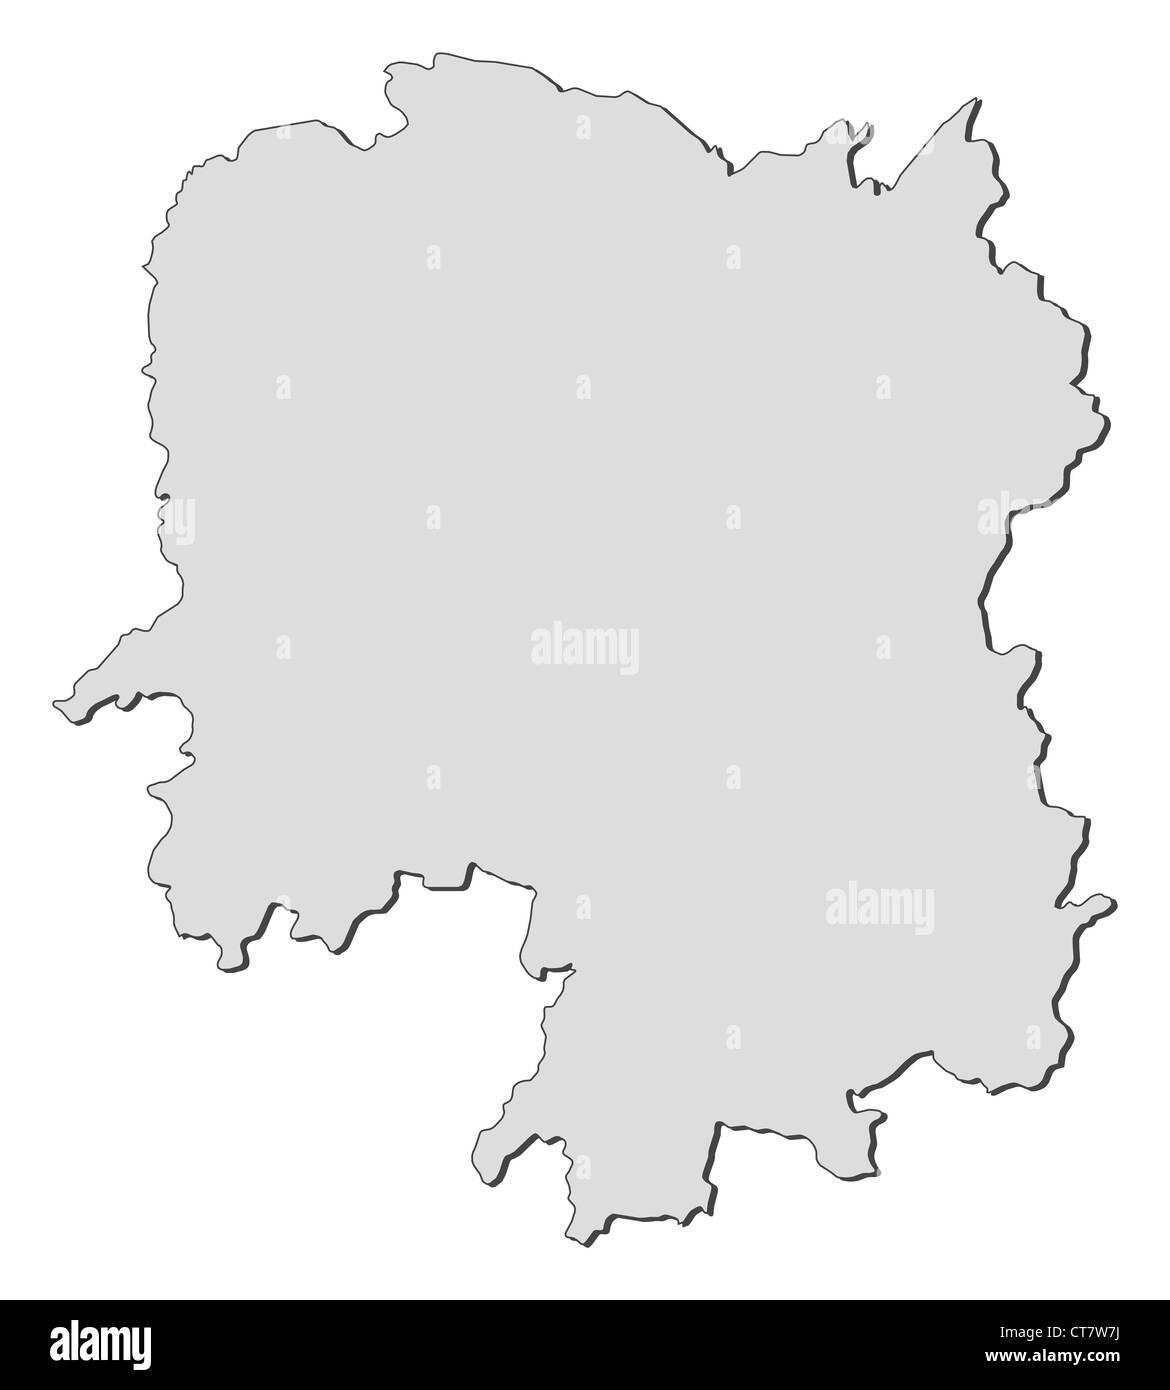 Hunan Province China Map.Map Of Hunan A Province Of China Stock Photo 49345958 Alamy